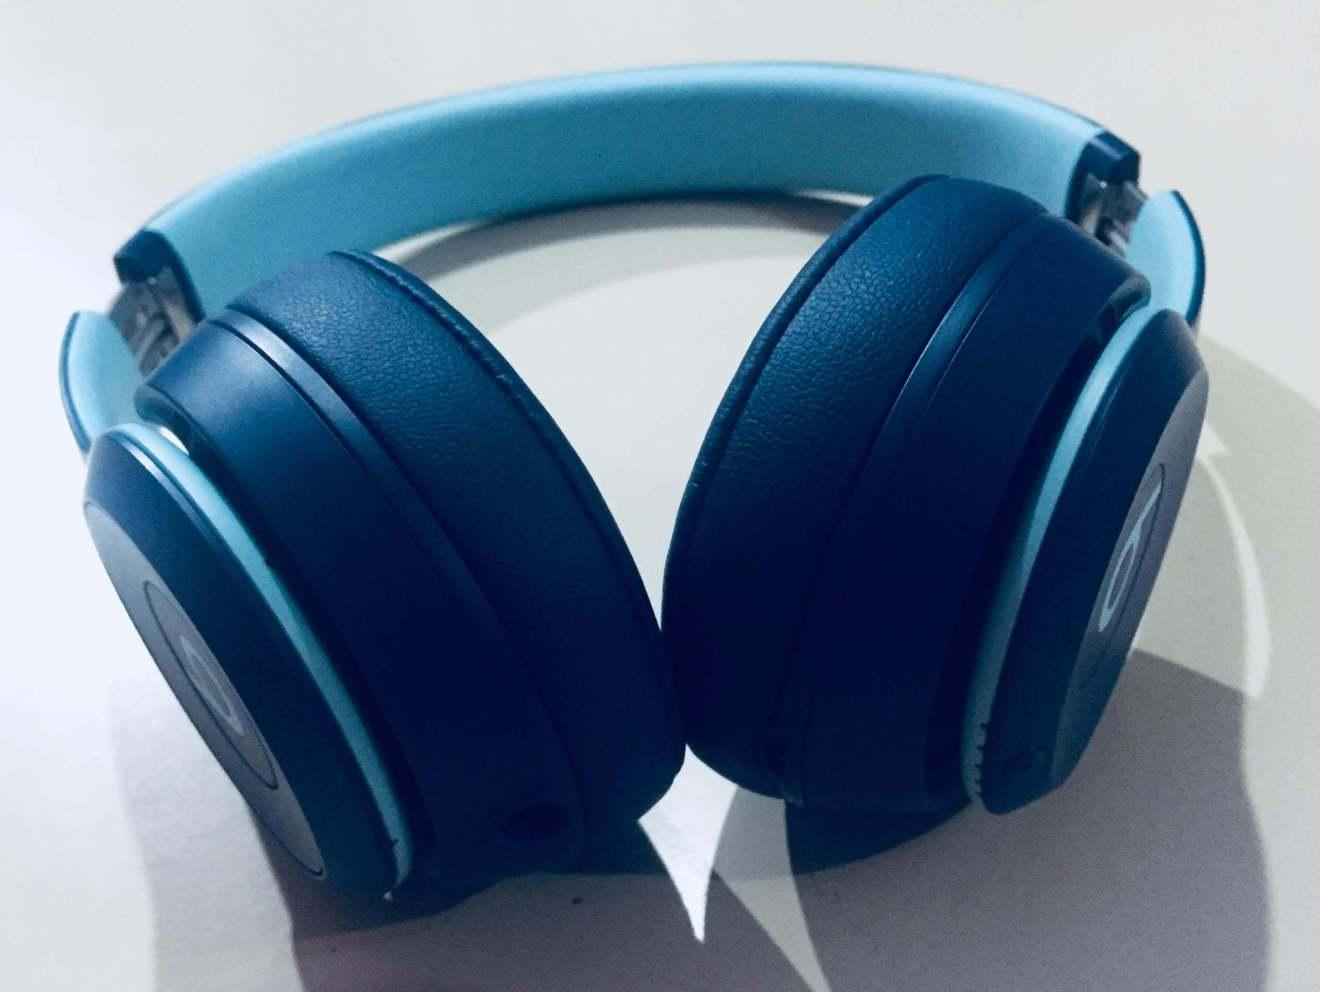 IMG 0449 - Review: Beats Solo3 Wireless, o fone bluetooth para todas as ocasiões